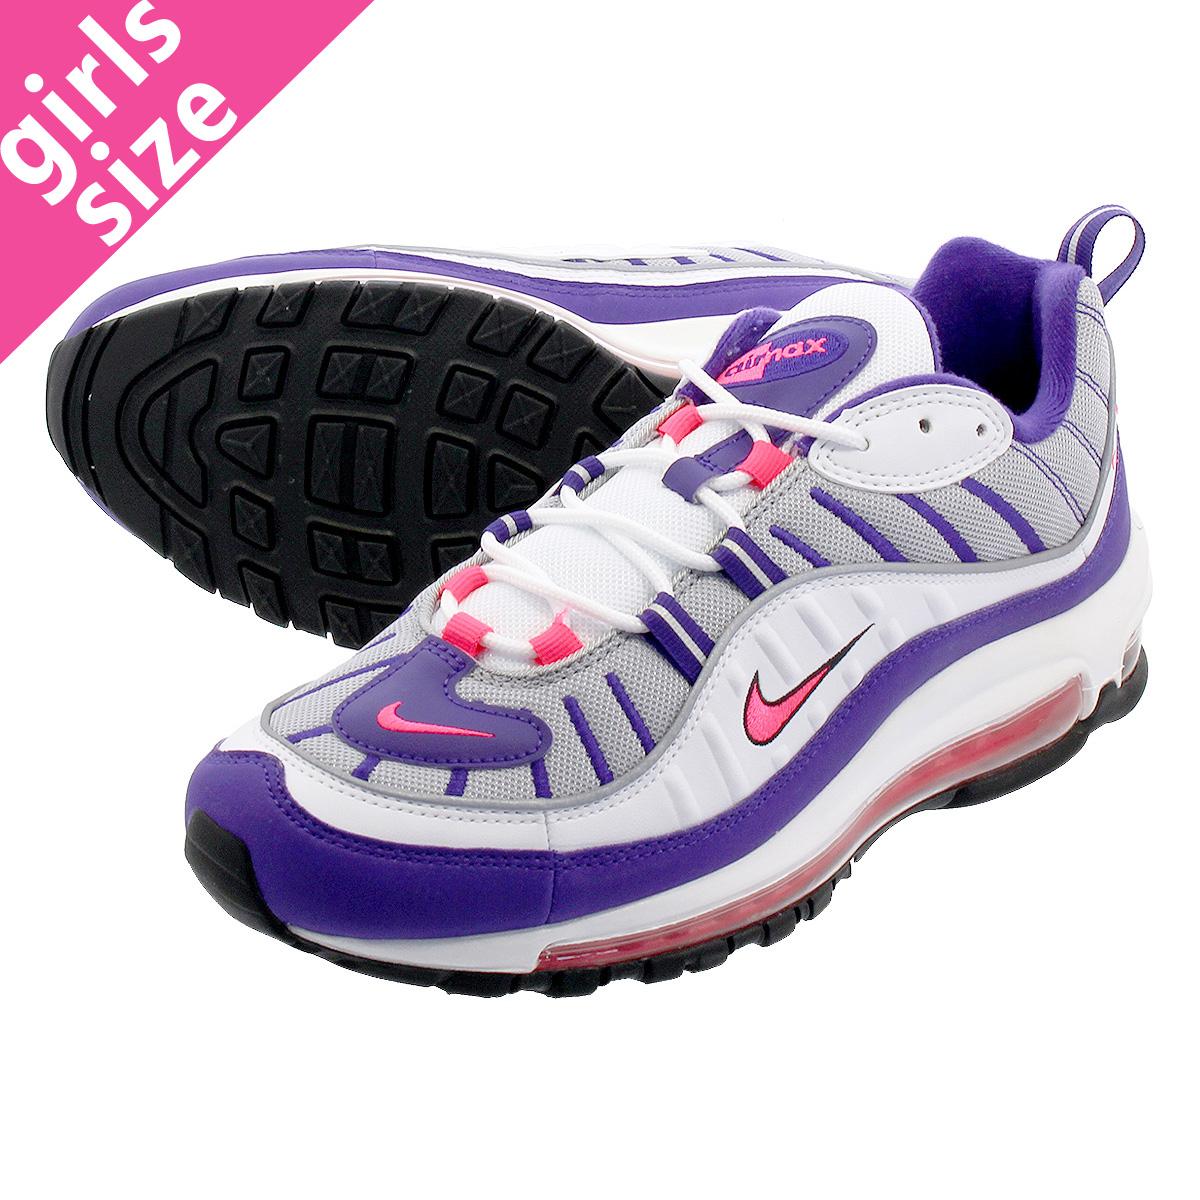 9a5708fad2370 NIKE WMNS AIR MAX 98 Nike women Air Max 98 WHITE RACER PINK REFLECT  SILVER BLACK ah6799-110